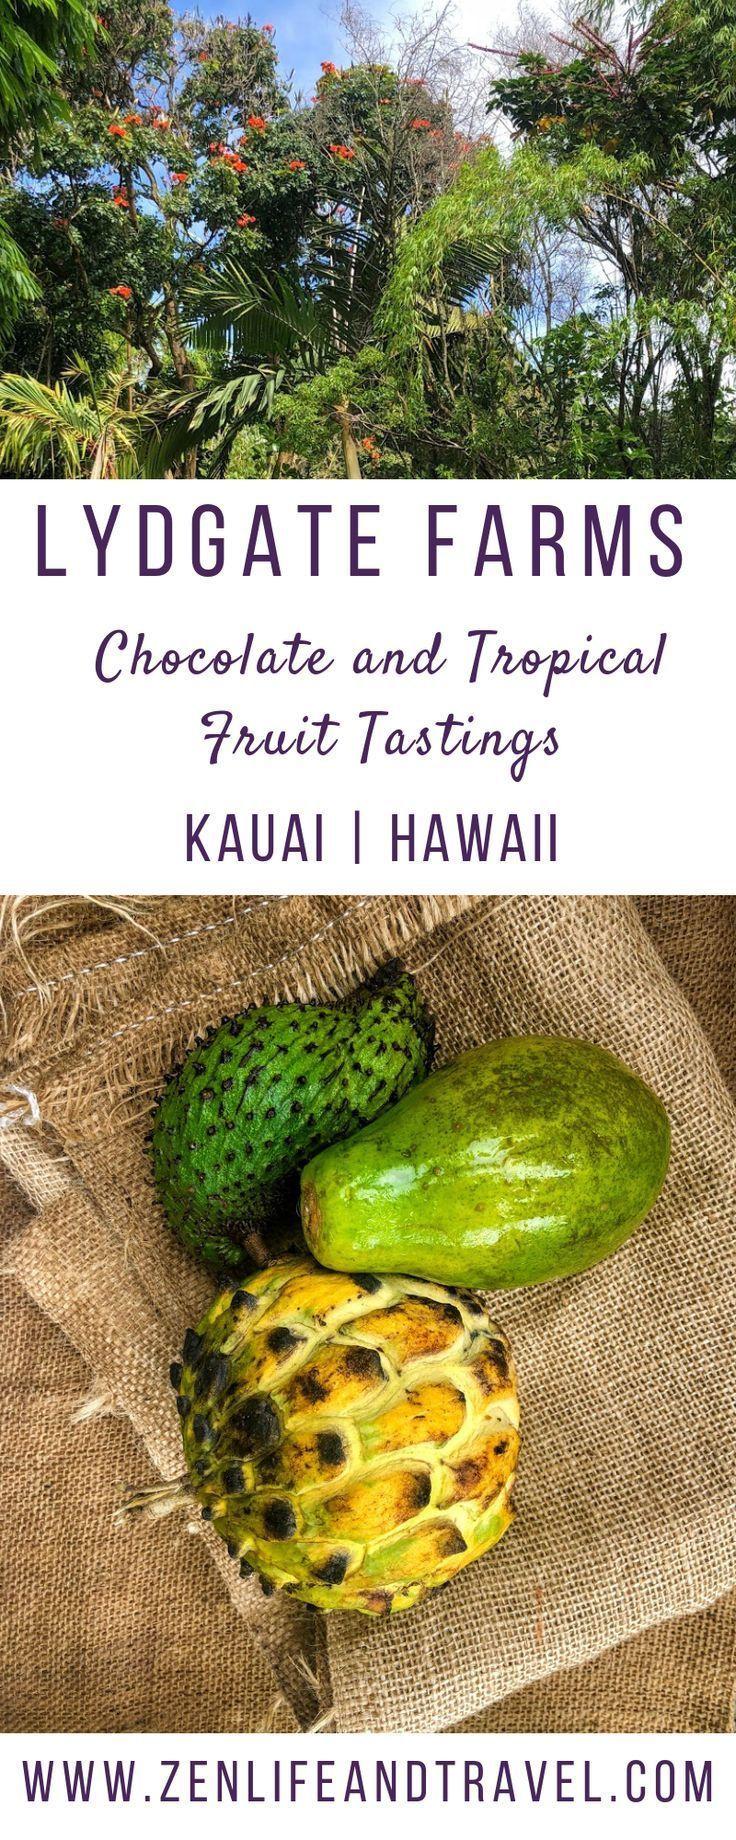 Chocolate Farm Tour On Kauai in 2020 Farm tour, Kauai